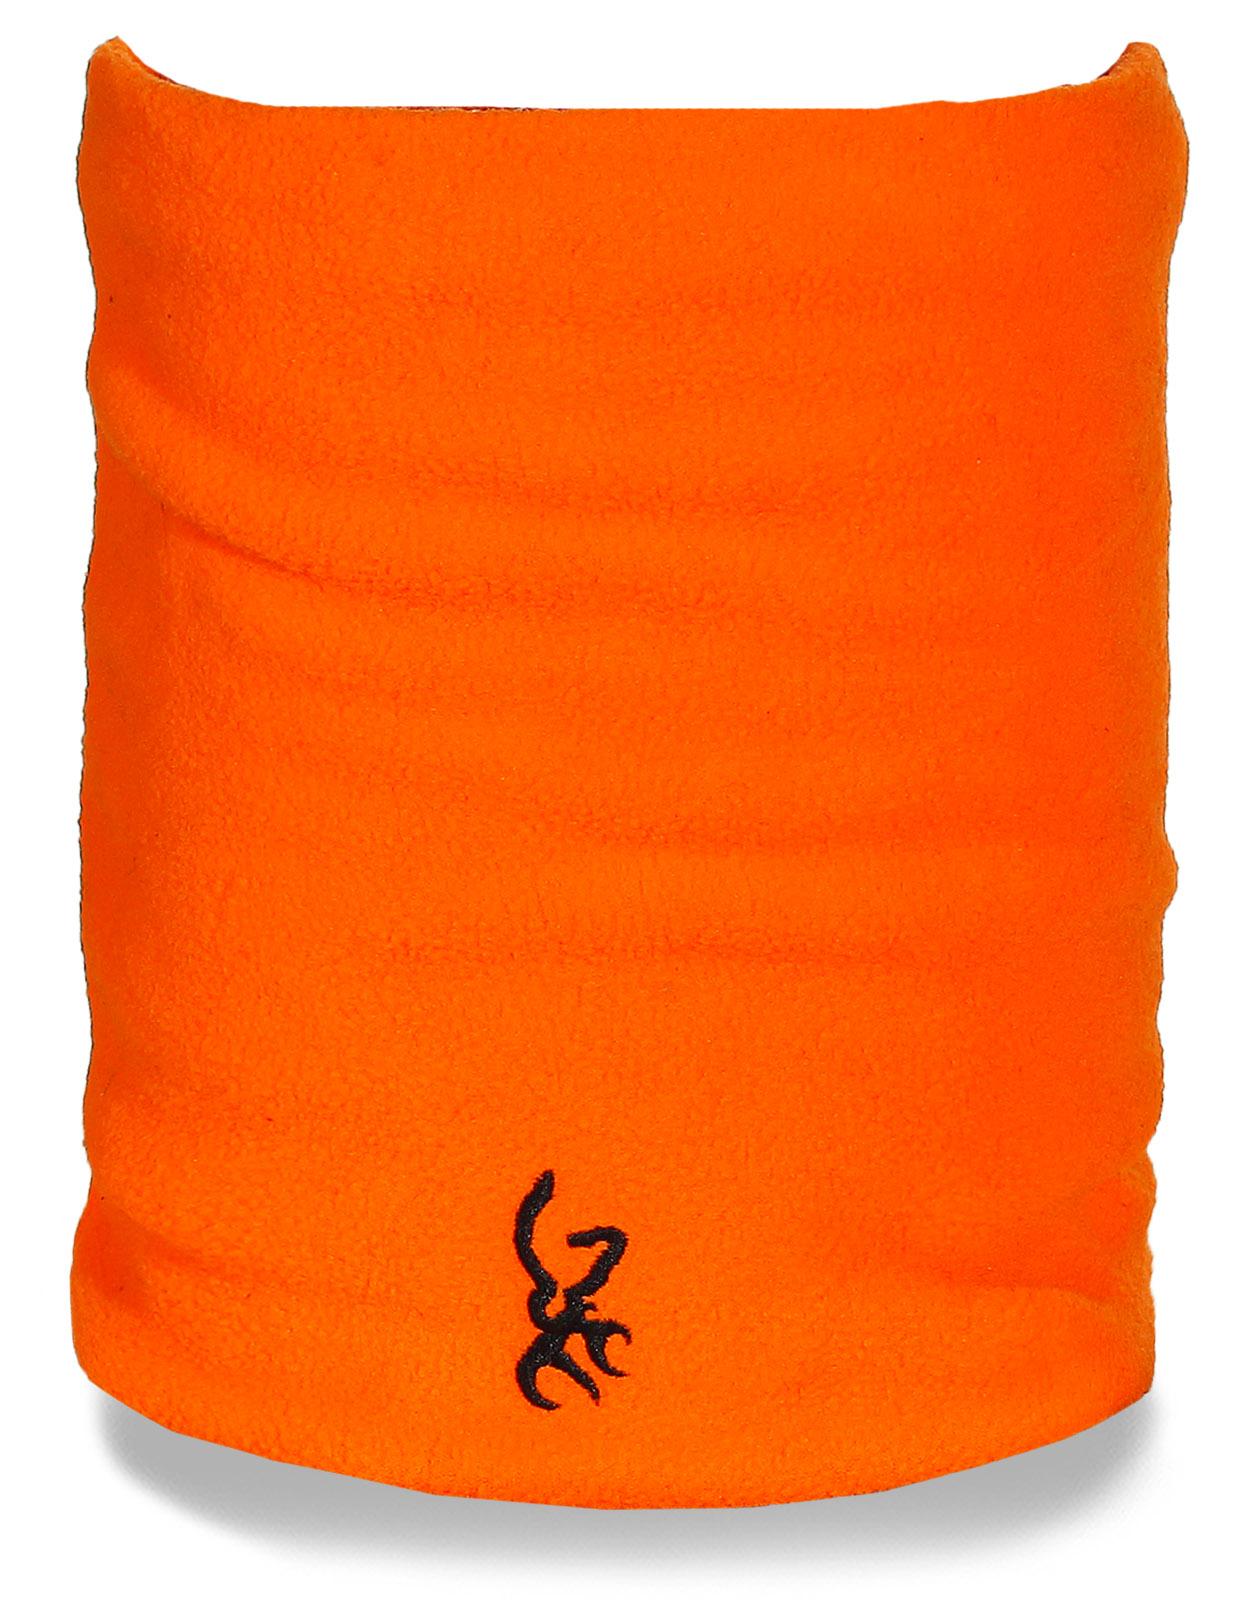 Эффектный снуд Browning из мягкой ткани. Яркий цвет, теплый материал, заказывайте!